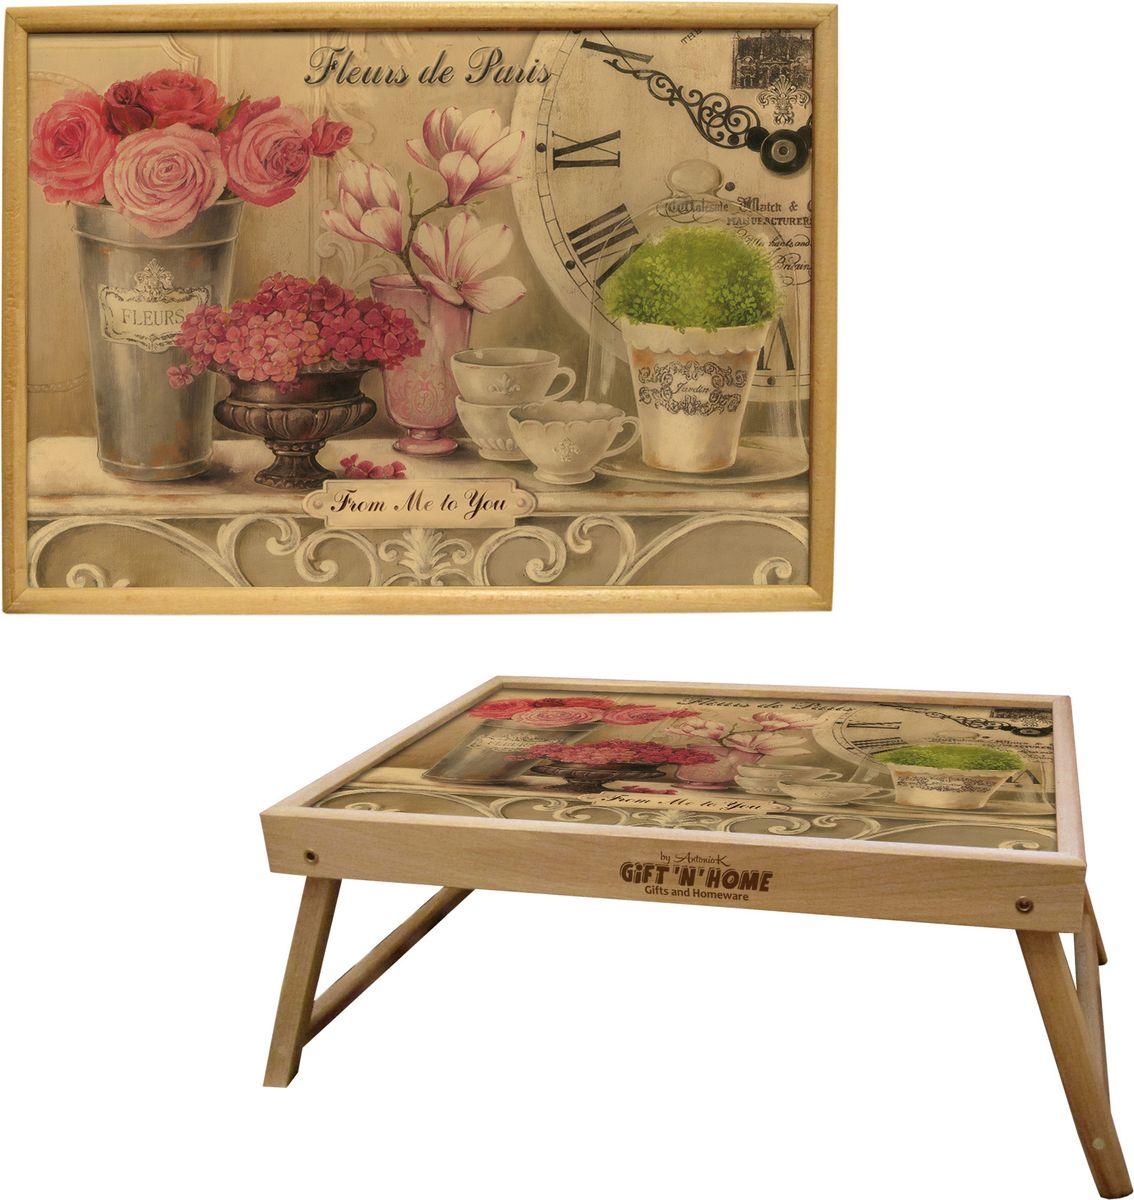 Столик с раскладными ножками GiftnHome Парижские цветы, 25 х 37,5 смTL-FleursВеликолепное решение для подарка - поднос, с раскладными ножками - это истинный комплимент Вашим любимым и близким людям. Подать кофе, завтрак в постель или вынести на веранду гостям закуски, фрукты сервированные на стильном Подносе, с оригинальным принтом на поверхности. Помимо функциональной пользы, данные изделия несомненно внесут свой Арт-стиль и уютную атмосферу в домашнее пространство. Нанесенные на столешницу дизайнерские принты от Креативной Студии АнтониоК прекрасно дополнят интерьер Вашего дома, дачи, студии или городской кухни - это современные, актуальные изделия, выполненные с душой, и несущие в дом настроение. Сегодня в тренде - экологичные натуральные материалы. Наша серия ЭКО-ЛАЙФ представлена подносами, столиками, ключницами, разделочными досками и дизайнерскими вешалками для кухни - все изделия изготовлены из благородных пород дерева: бука и дуба, - они прекрасно переносят длительную эксплуатацию и долго сохраняют свой шарм древесной структуры и природные качества.